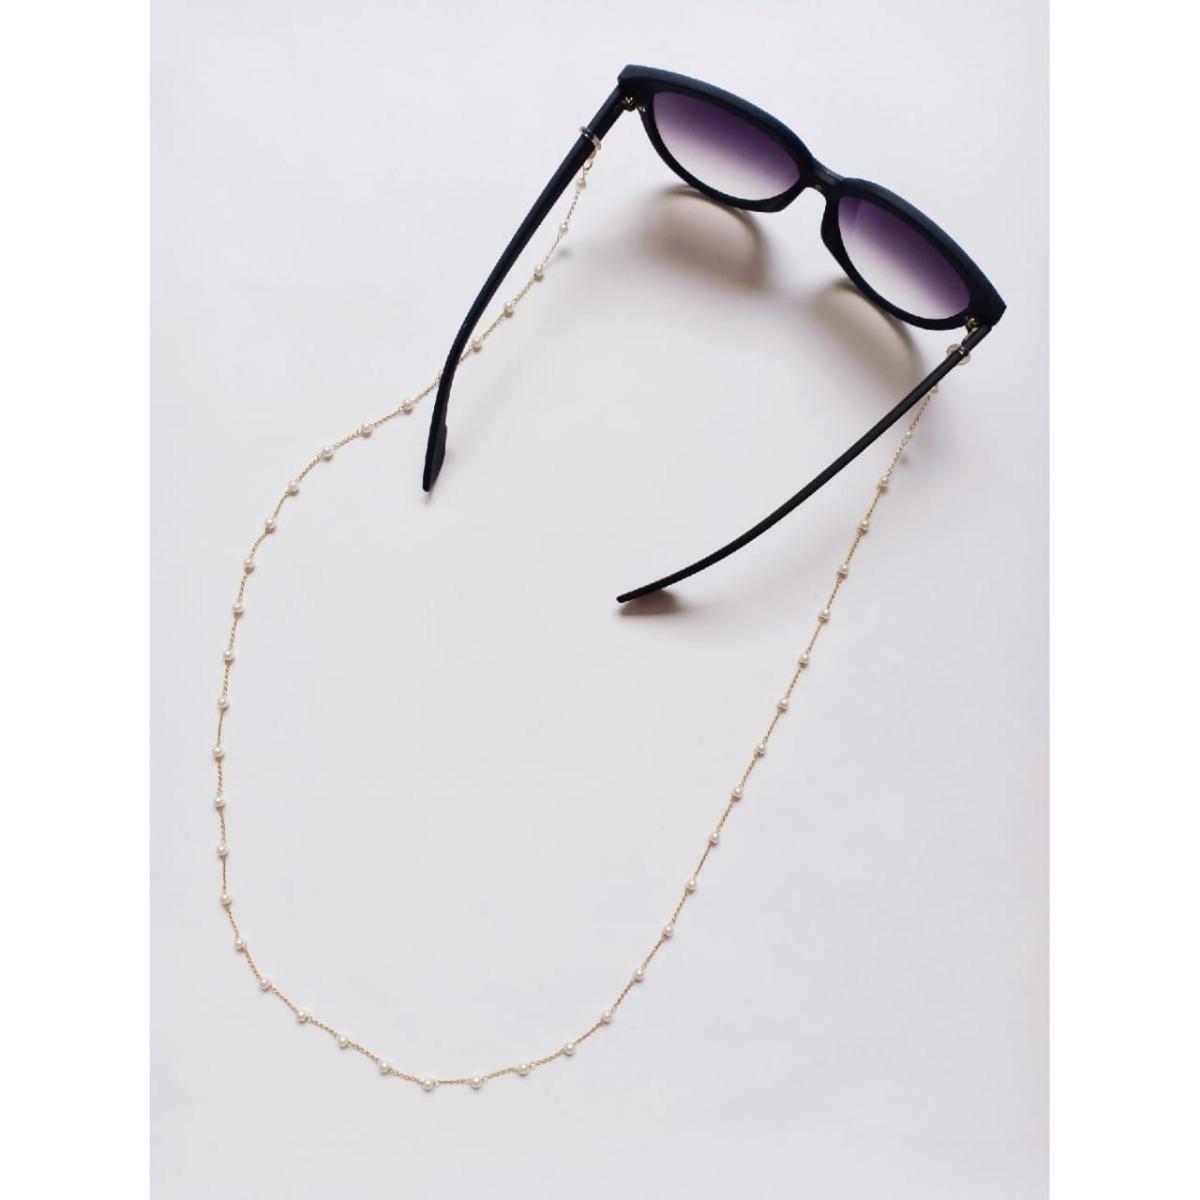 Salva Óculos - Corrente Dourada - R  26,00 em Mercado Livre c951c54696